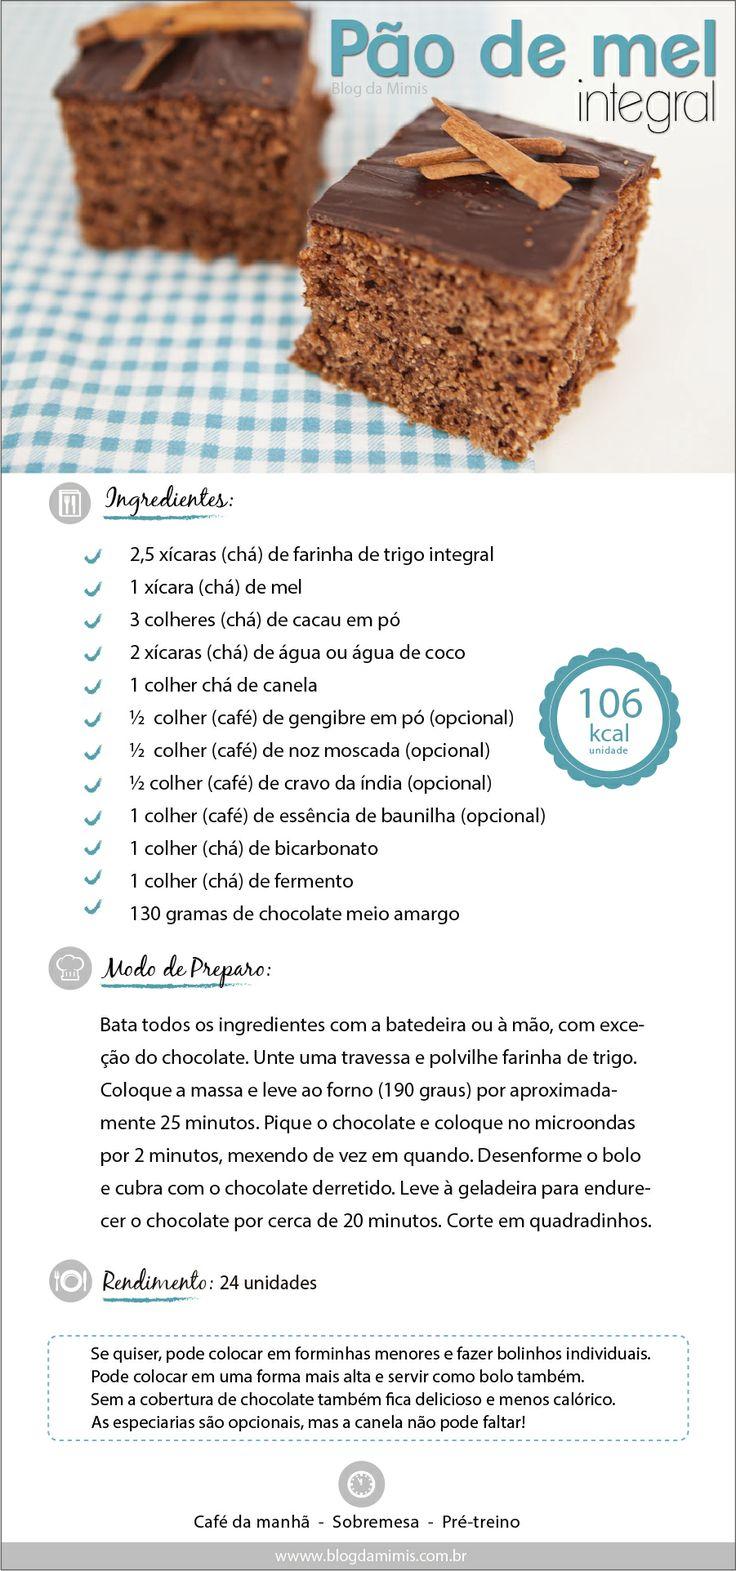 Pão de mel integral - blog-da-mimis-michelli-franzoni-1